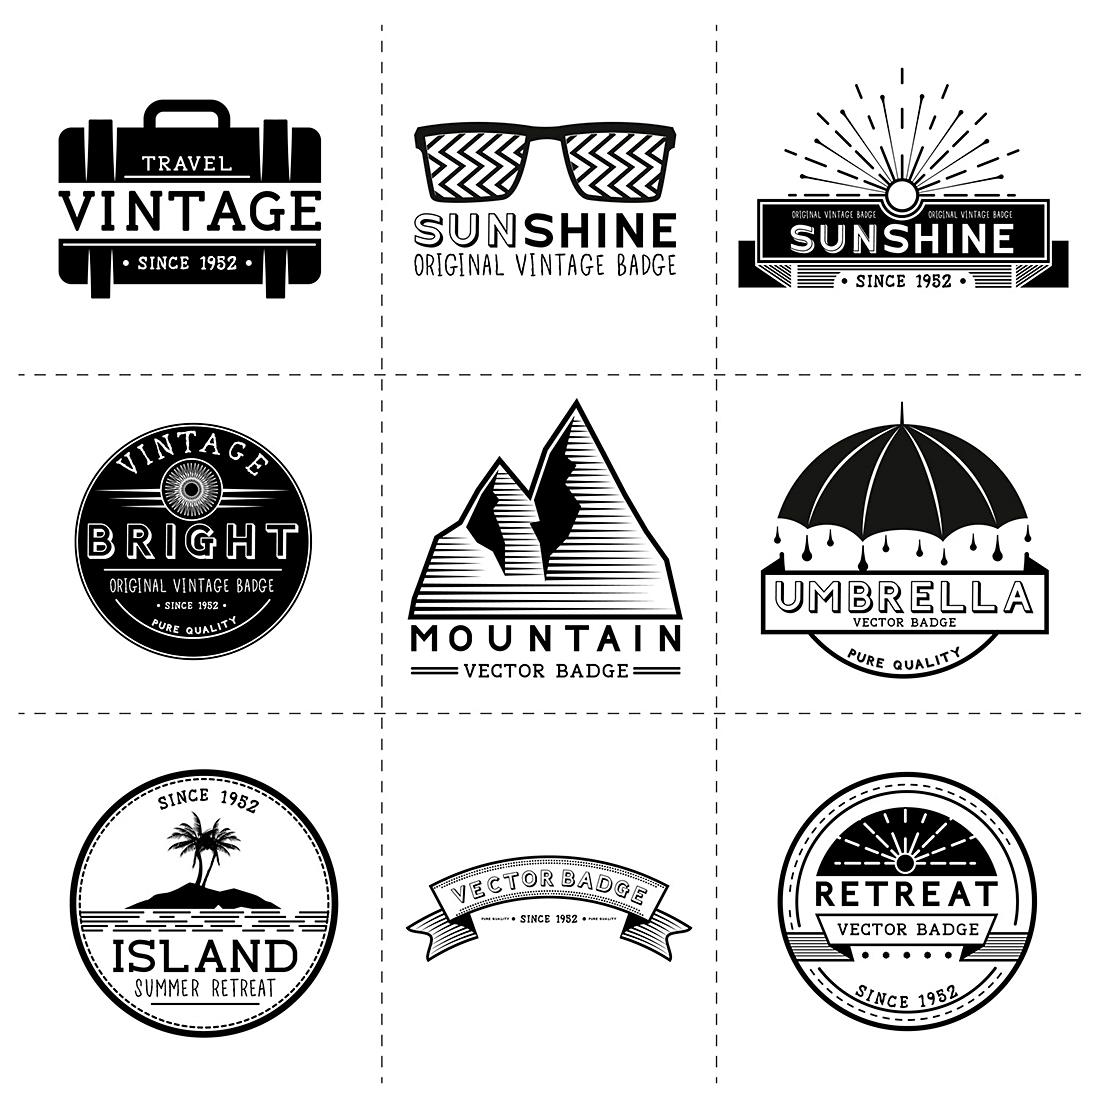 solarseven-vintage-travel-labels-%26-badges